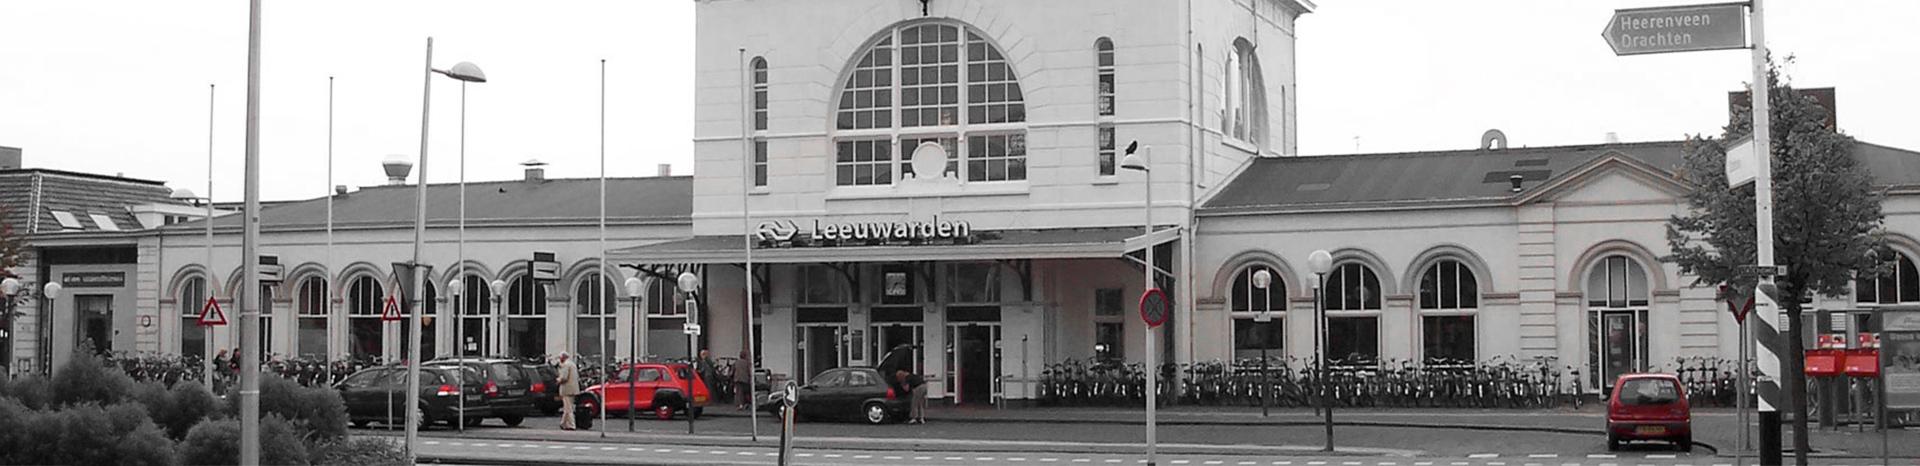 Letselschade advocaat Leeuwarden | LetselPro